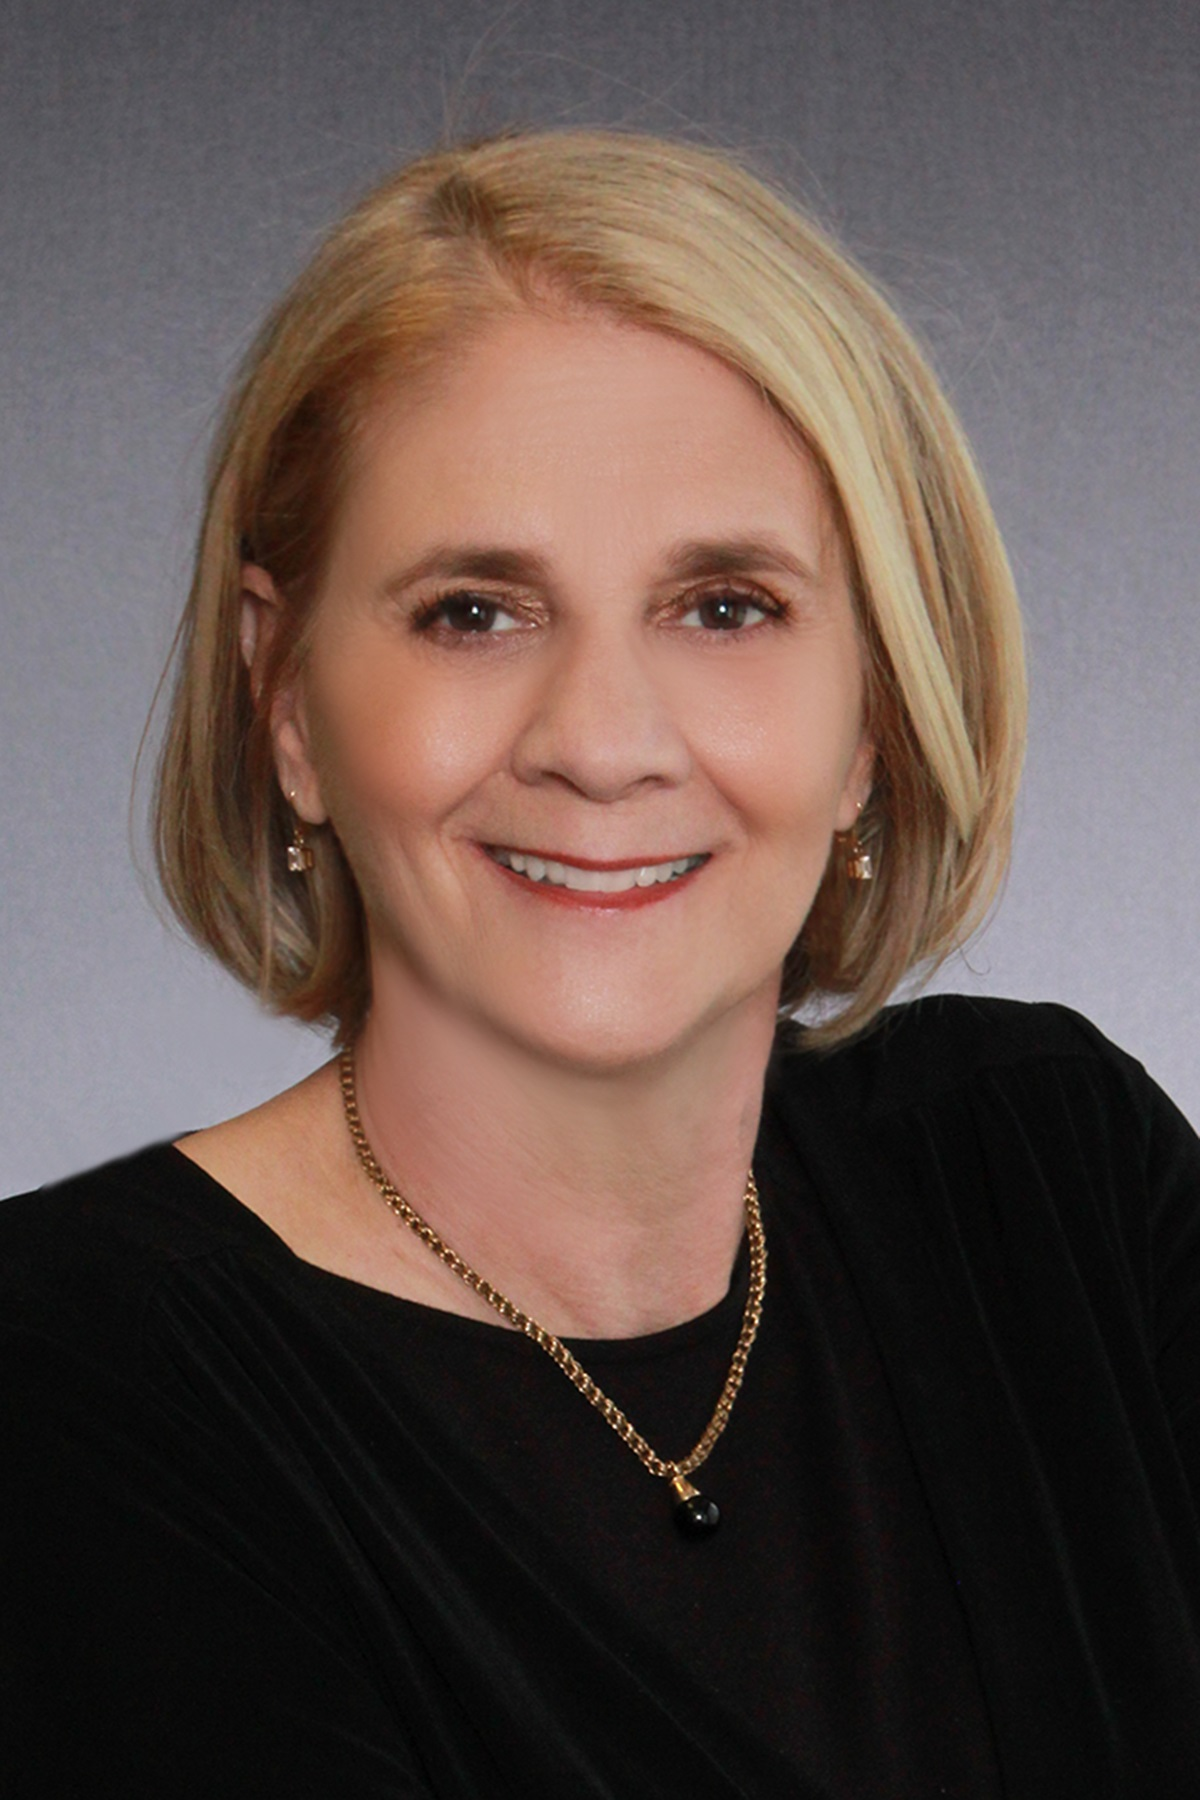 Kathy Bussmann